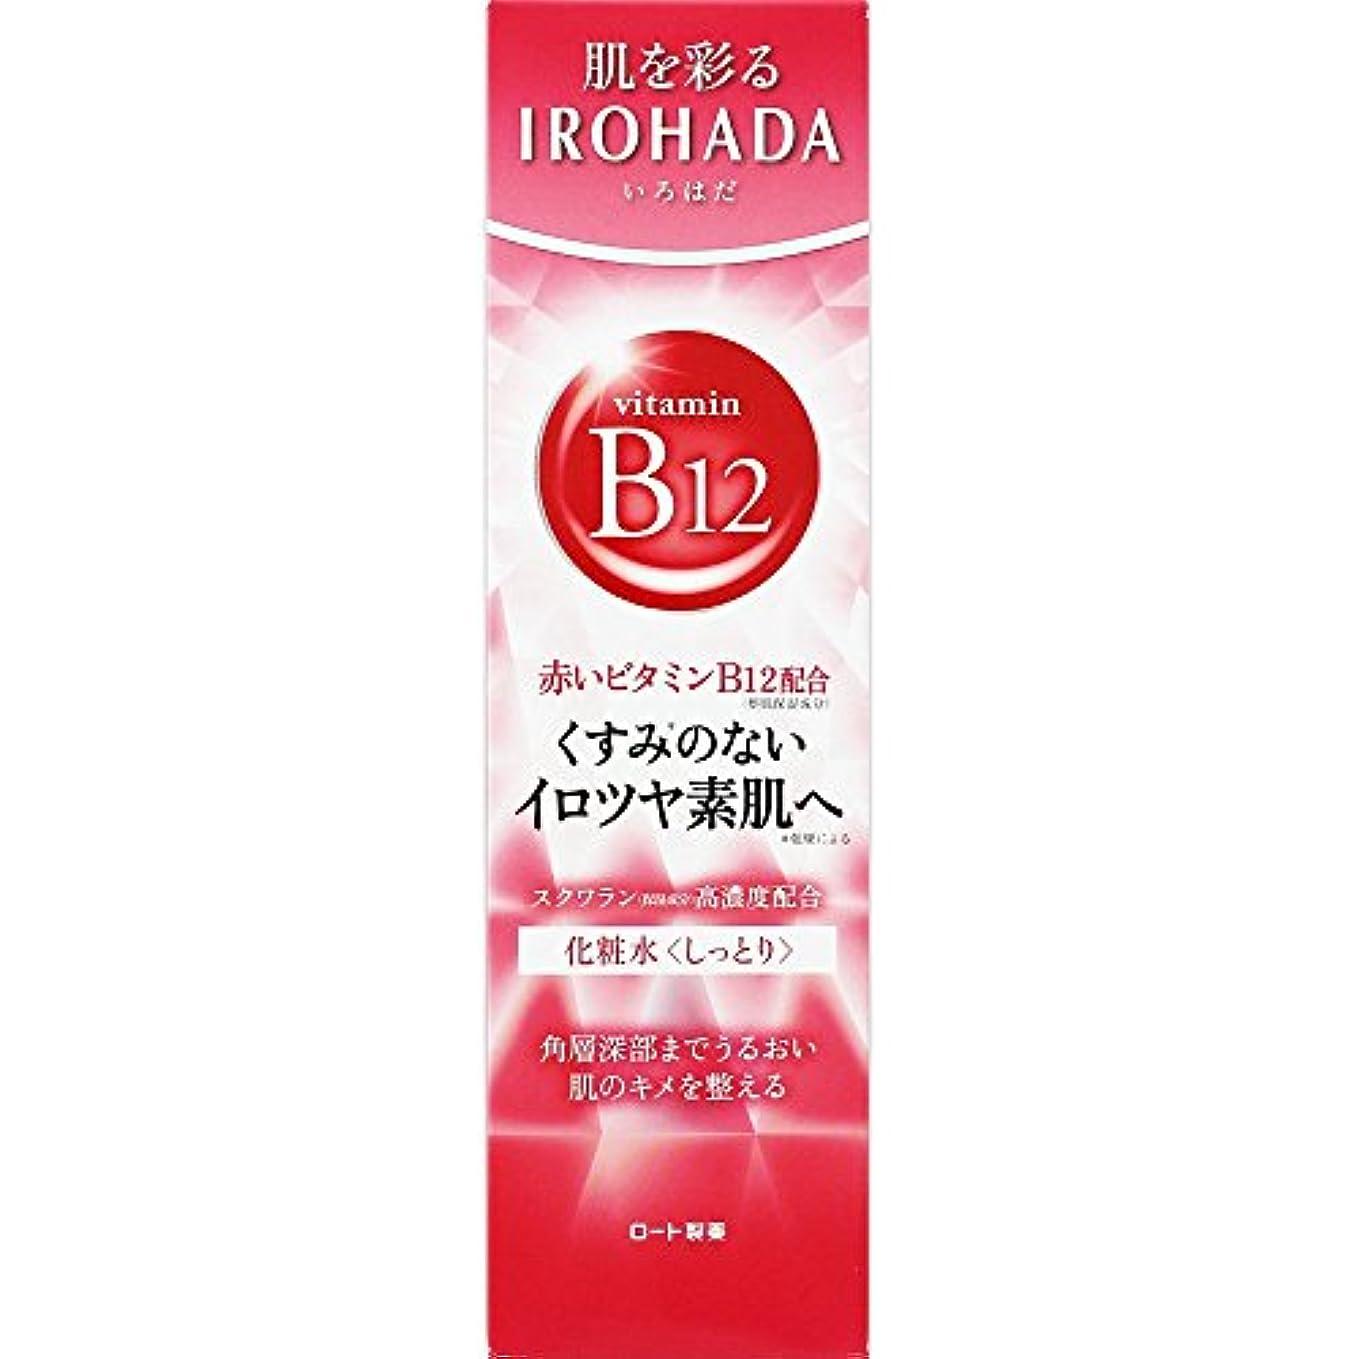 団結する見積り上向きロート製薬 いろはだ (IROHADA) 赤いビタミンB12×スクワラン配合 化粧水しっとり 160ml